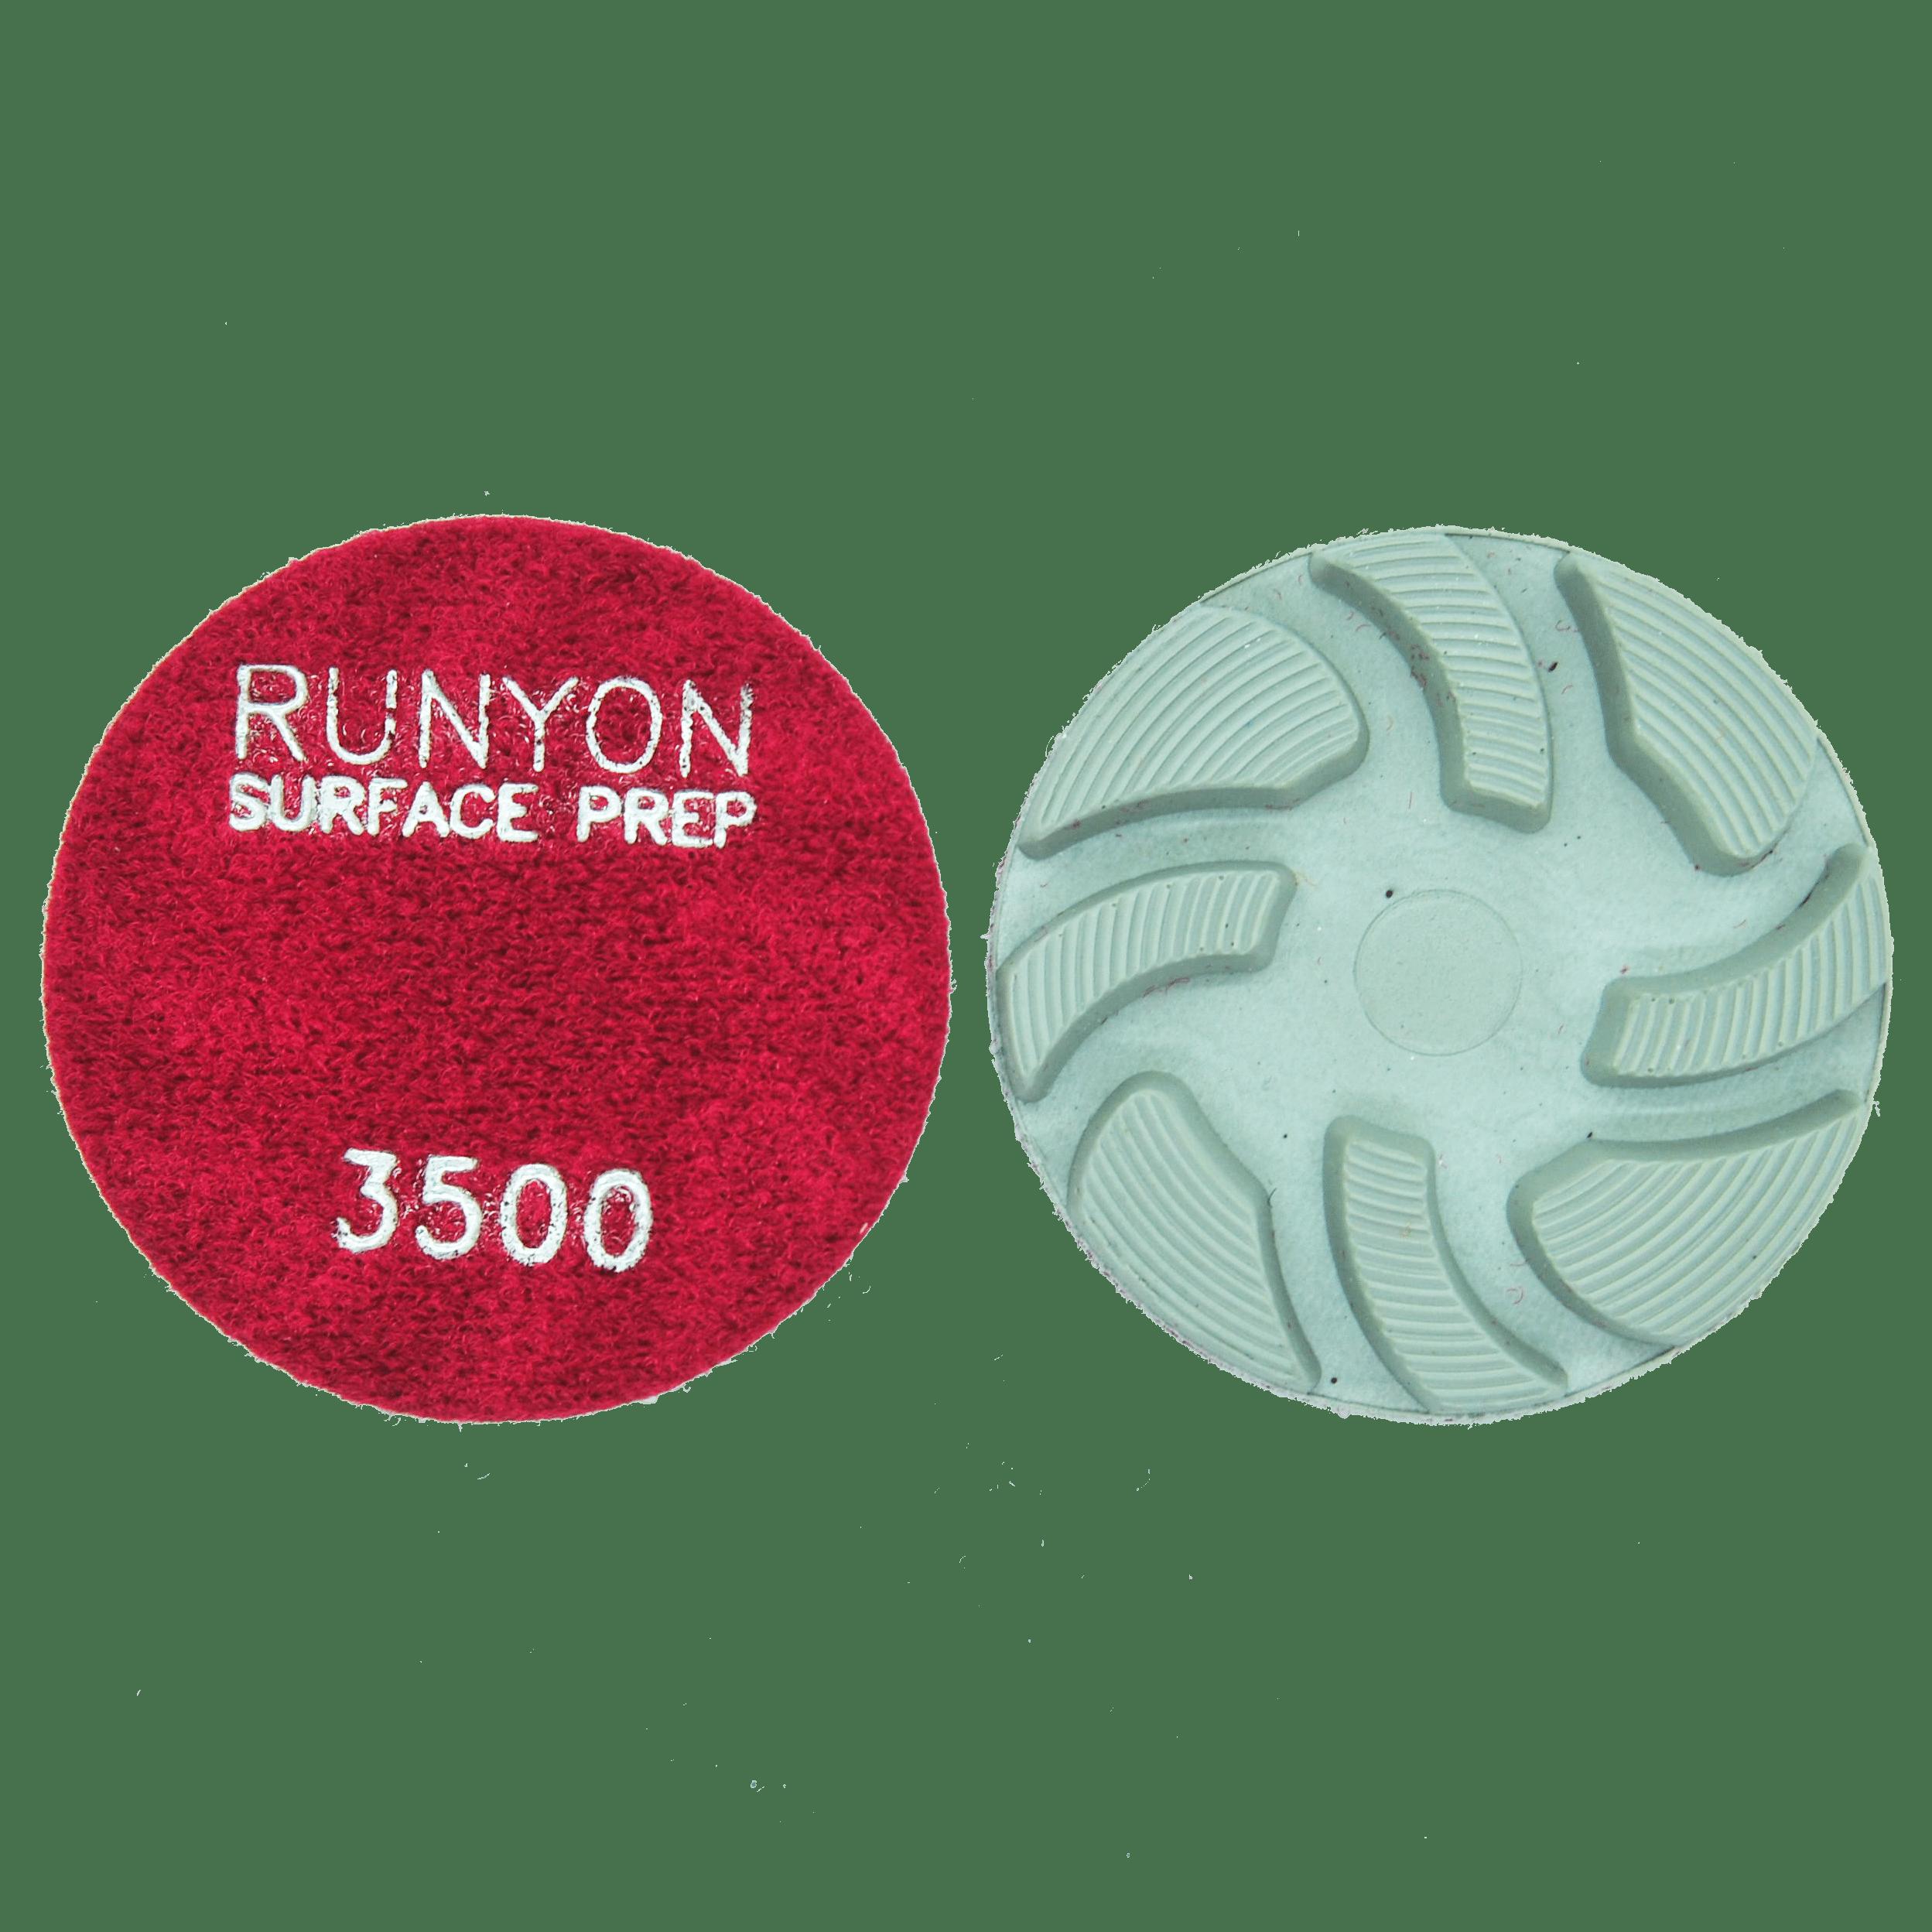 RSP Fan 3500 Grit